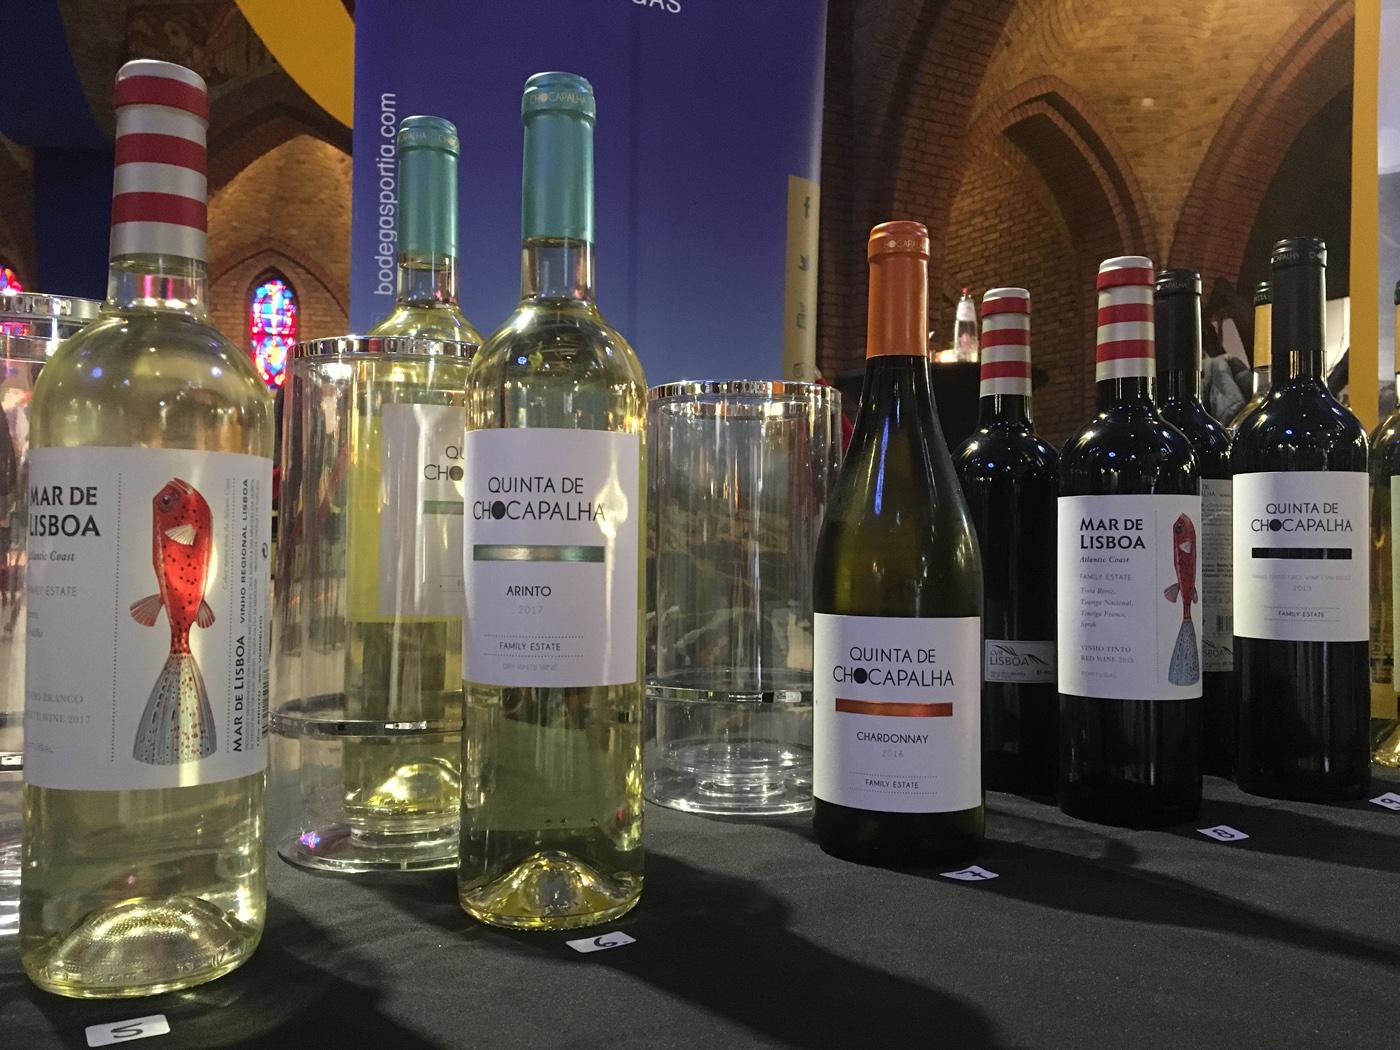 Wijnen Quinta Chocapalha koning te rijk op najaarsproeverij bij Limburgs Schutterij Museum